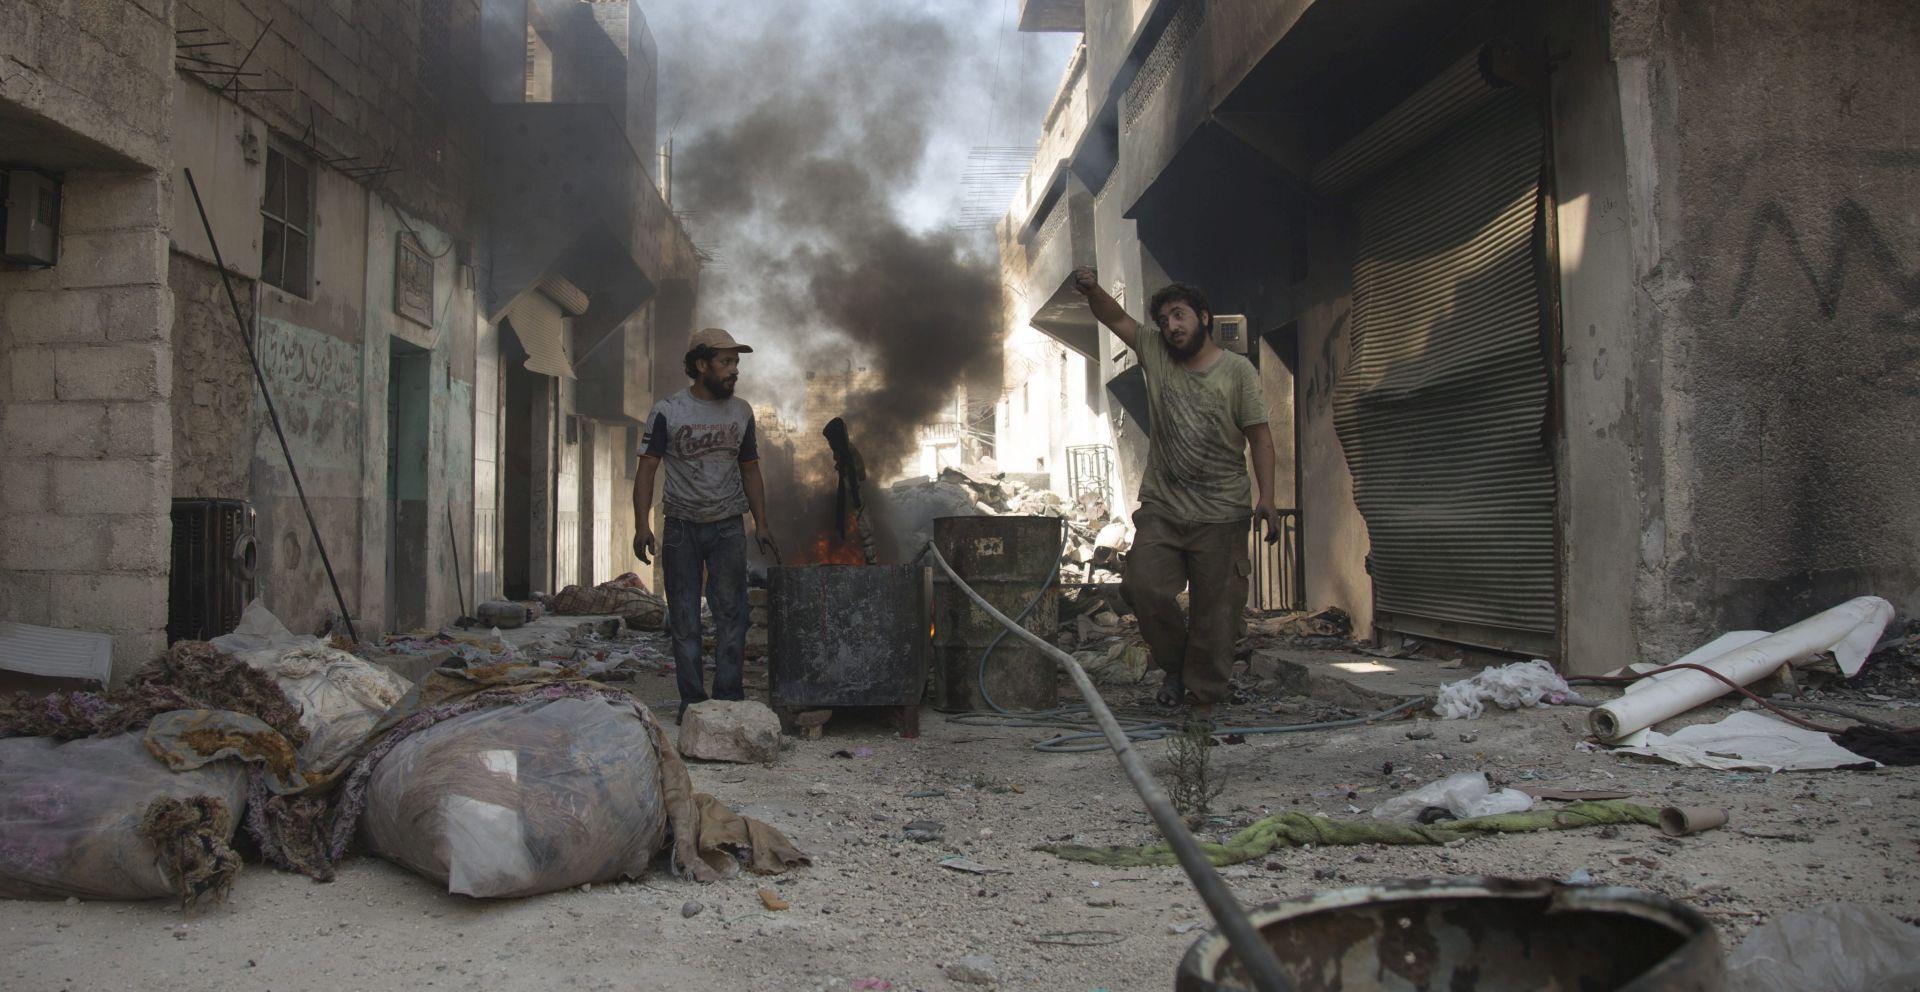 NAKON PRIMIRJA: Žestoki sukobi u sirijskom Alepu